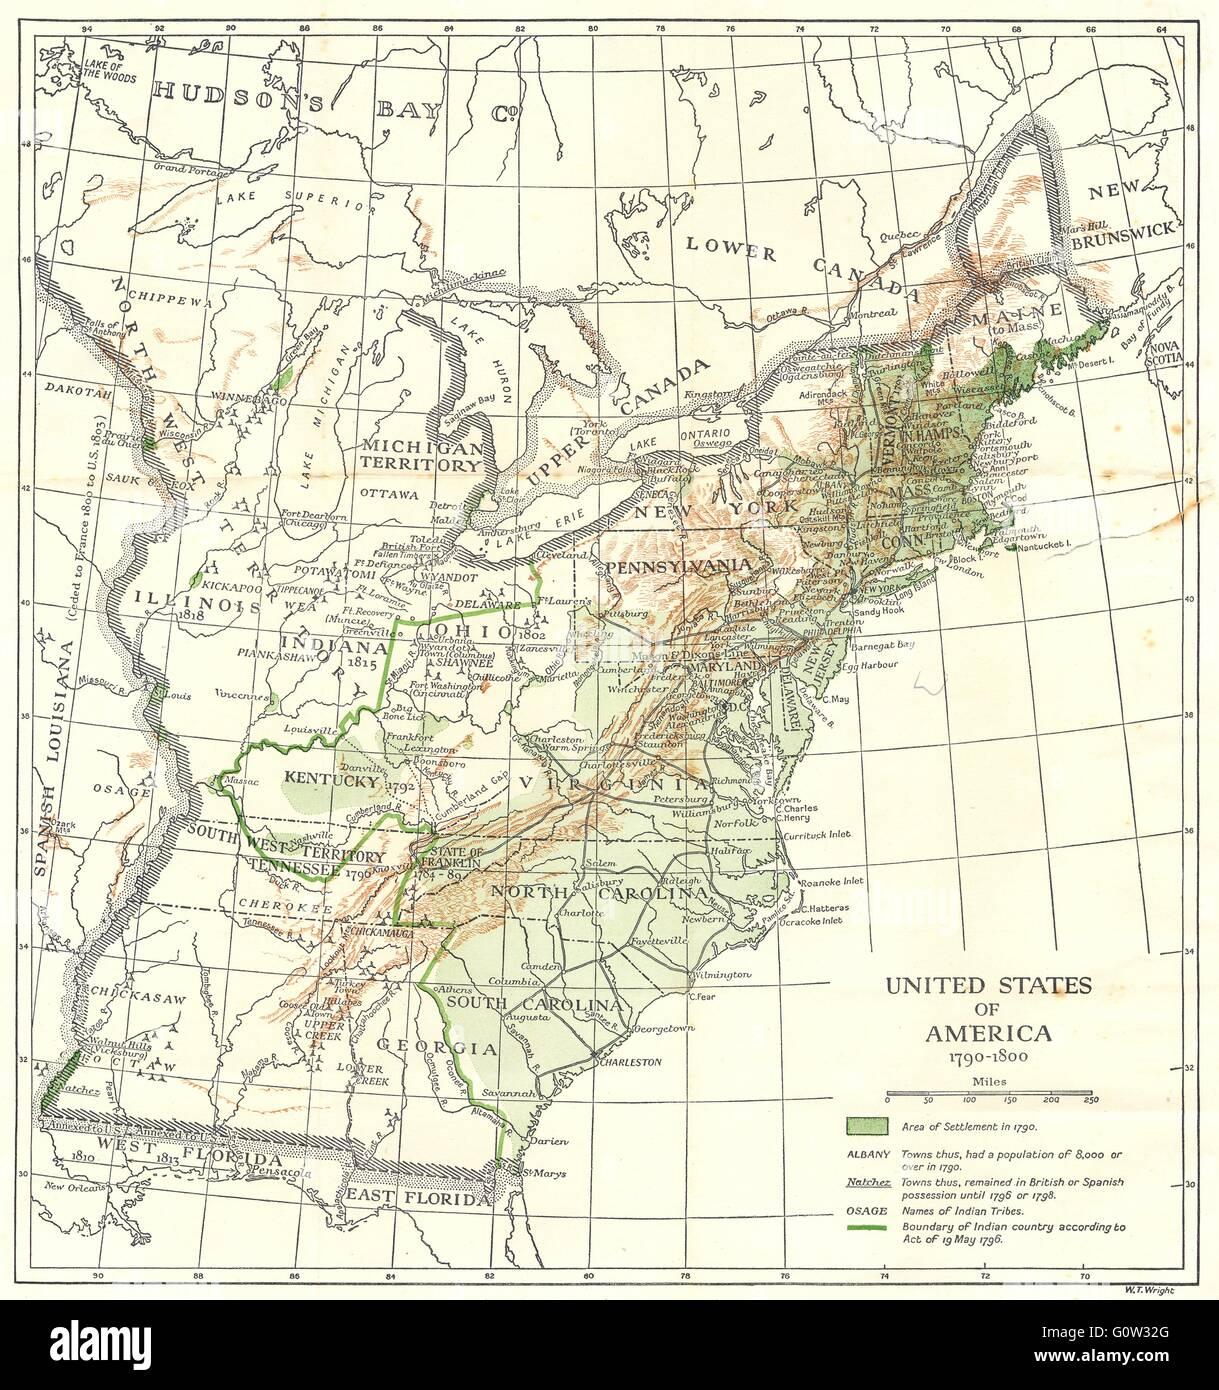 Karte Von Amerika 1800 Stockfotos & Karte Von Amerika 1800 ...